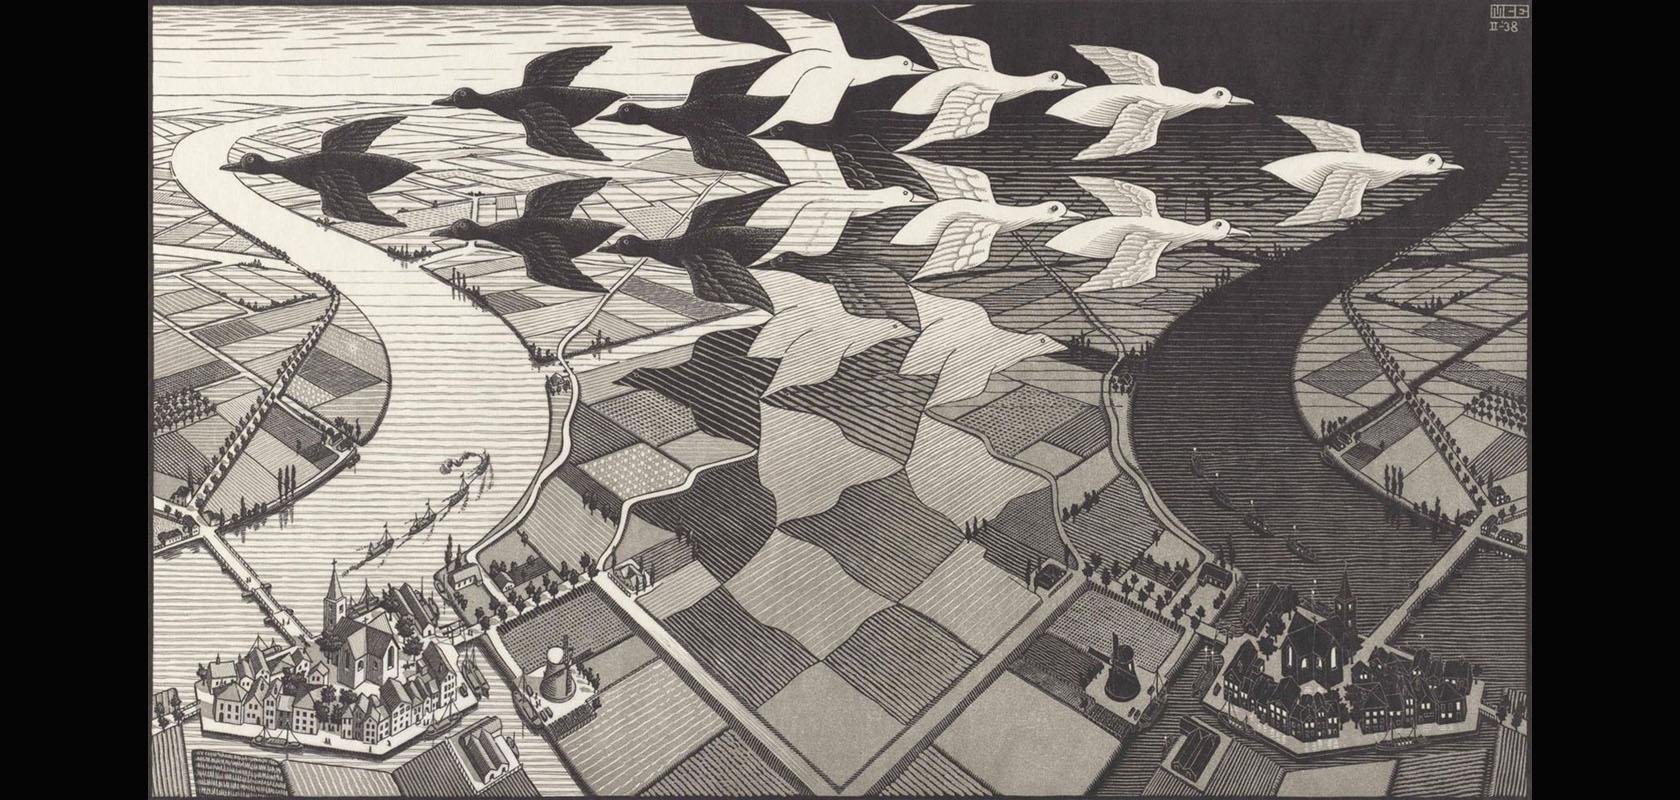 Dag-en-Nacht-1938-M.C.-Escher-the-M.C.-Escher-Company-B.V.-All-rights-reserved